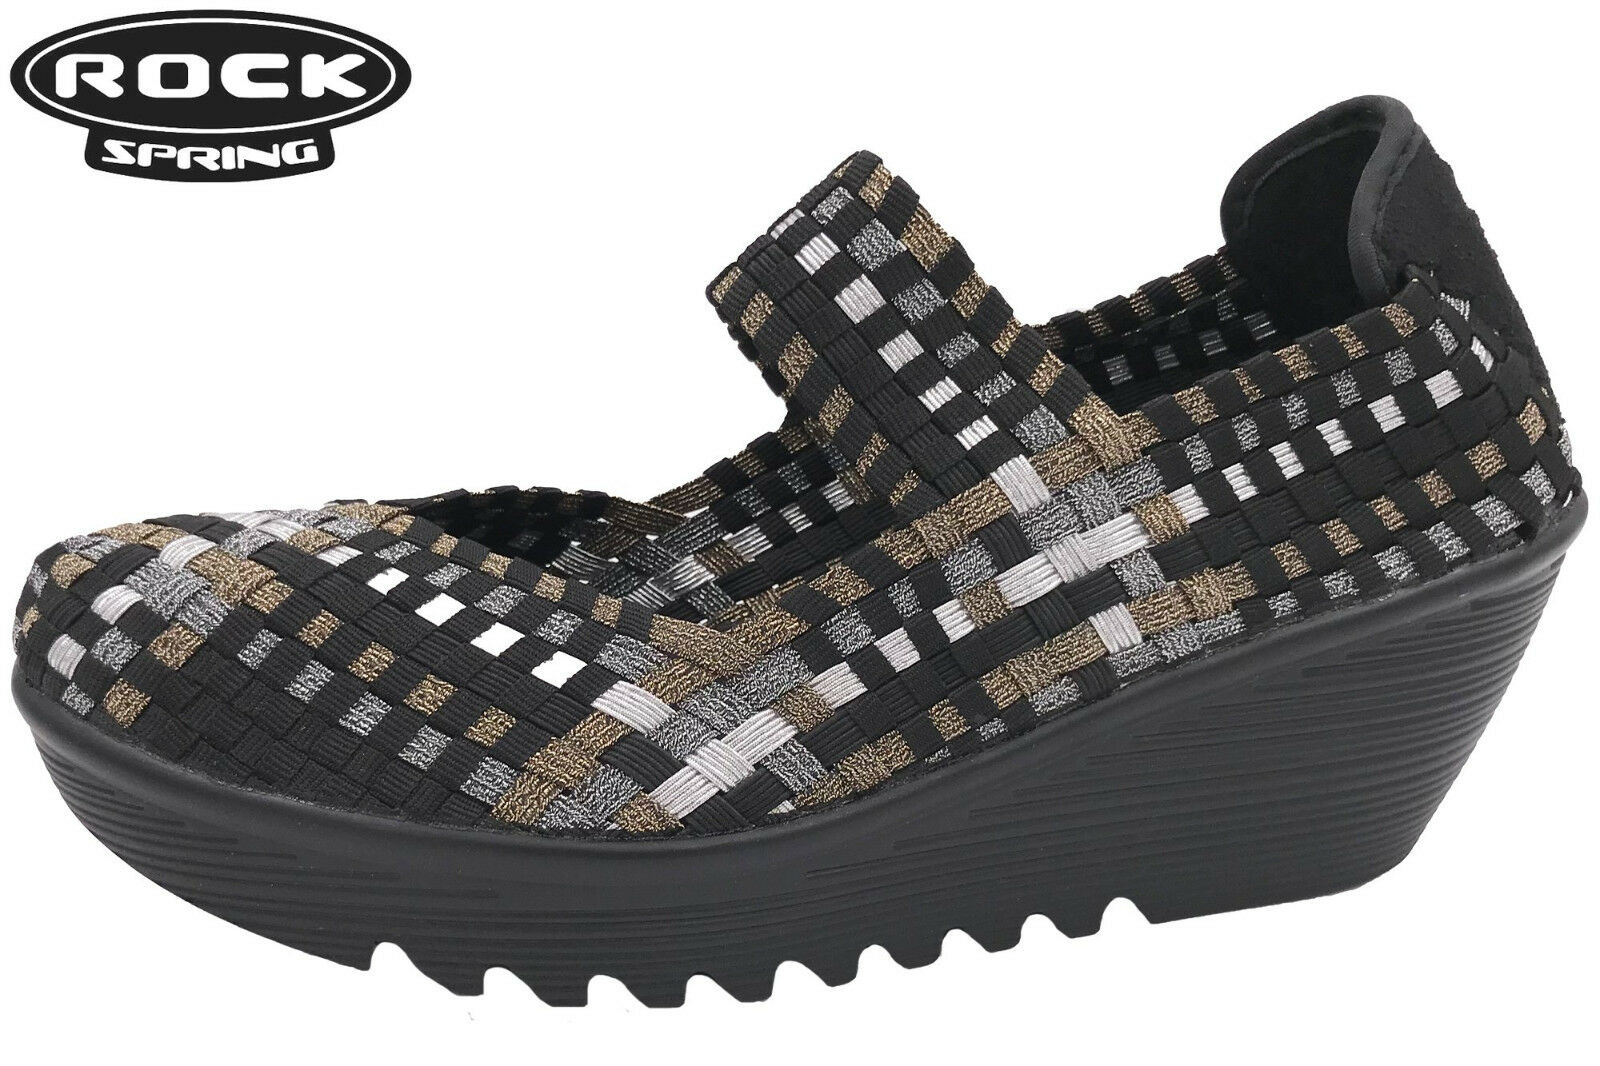 Rock Spring Schwarz Damen Schuhe geflochten Keil Absatz Weiche Memory Decksohle